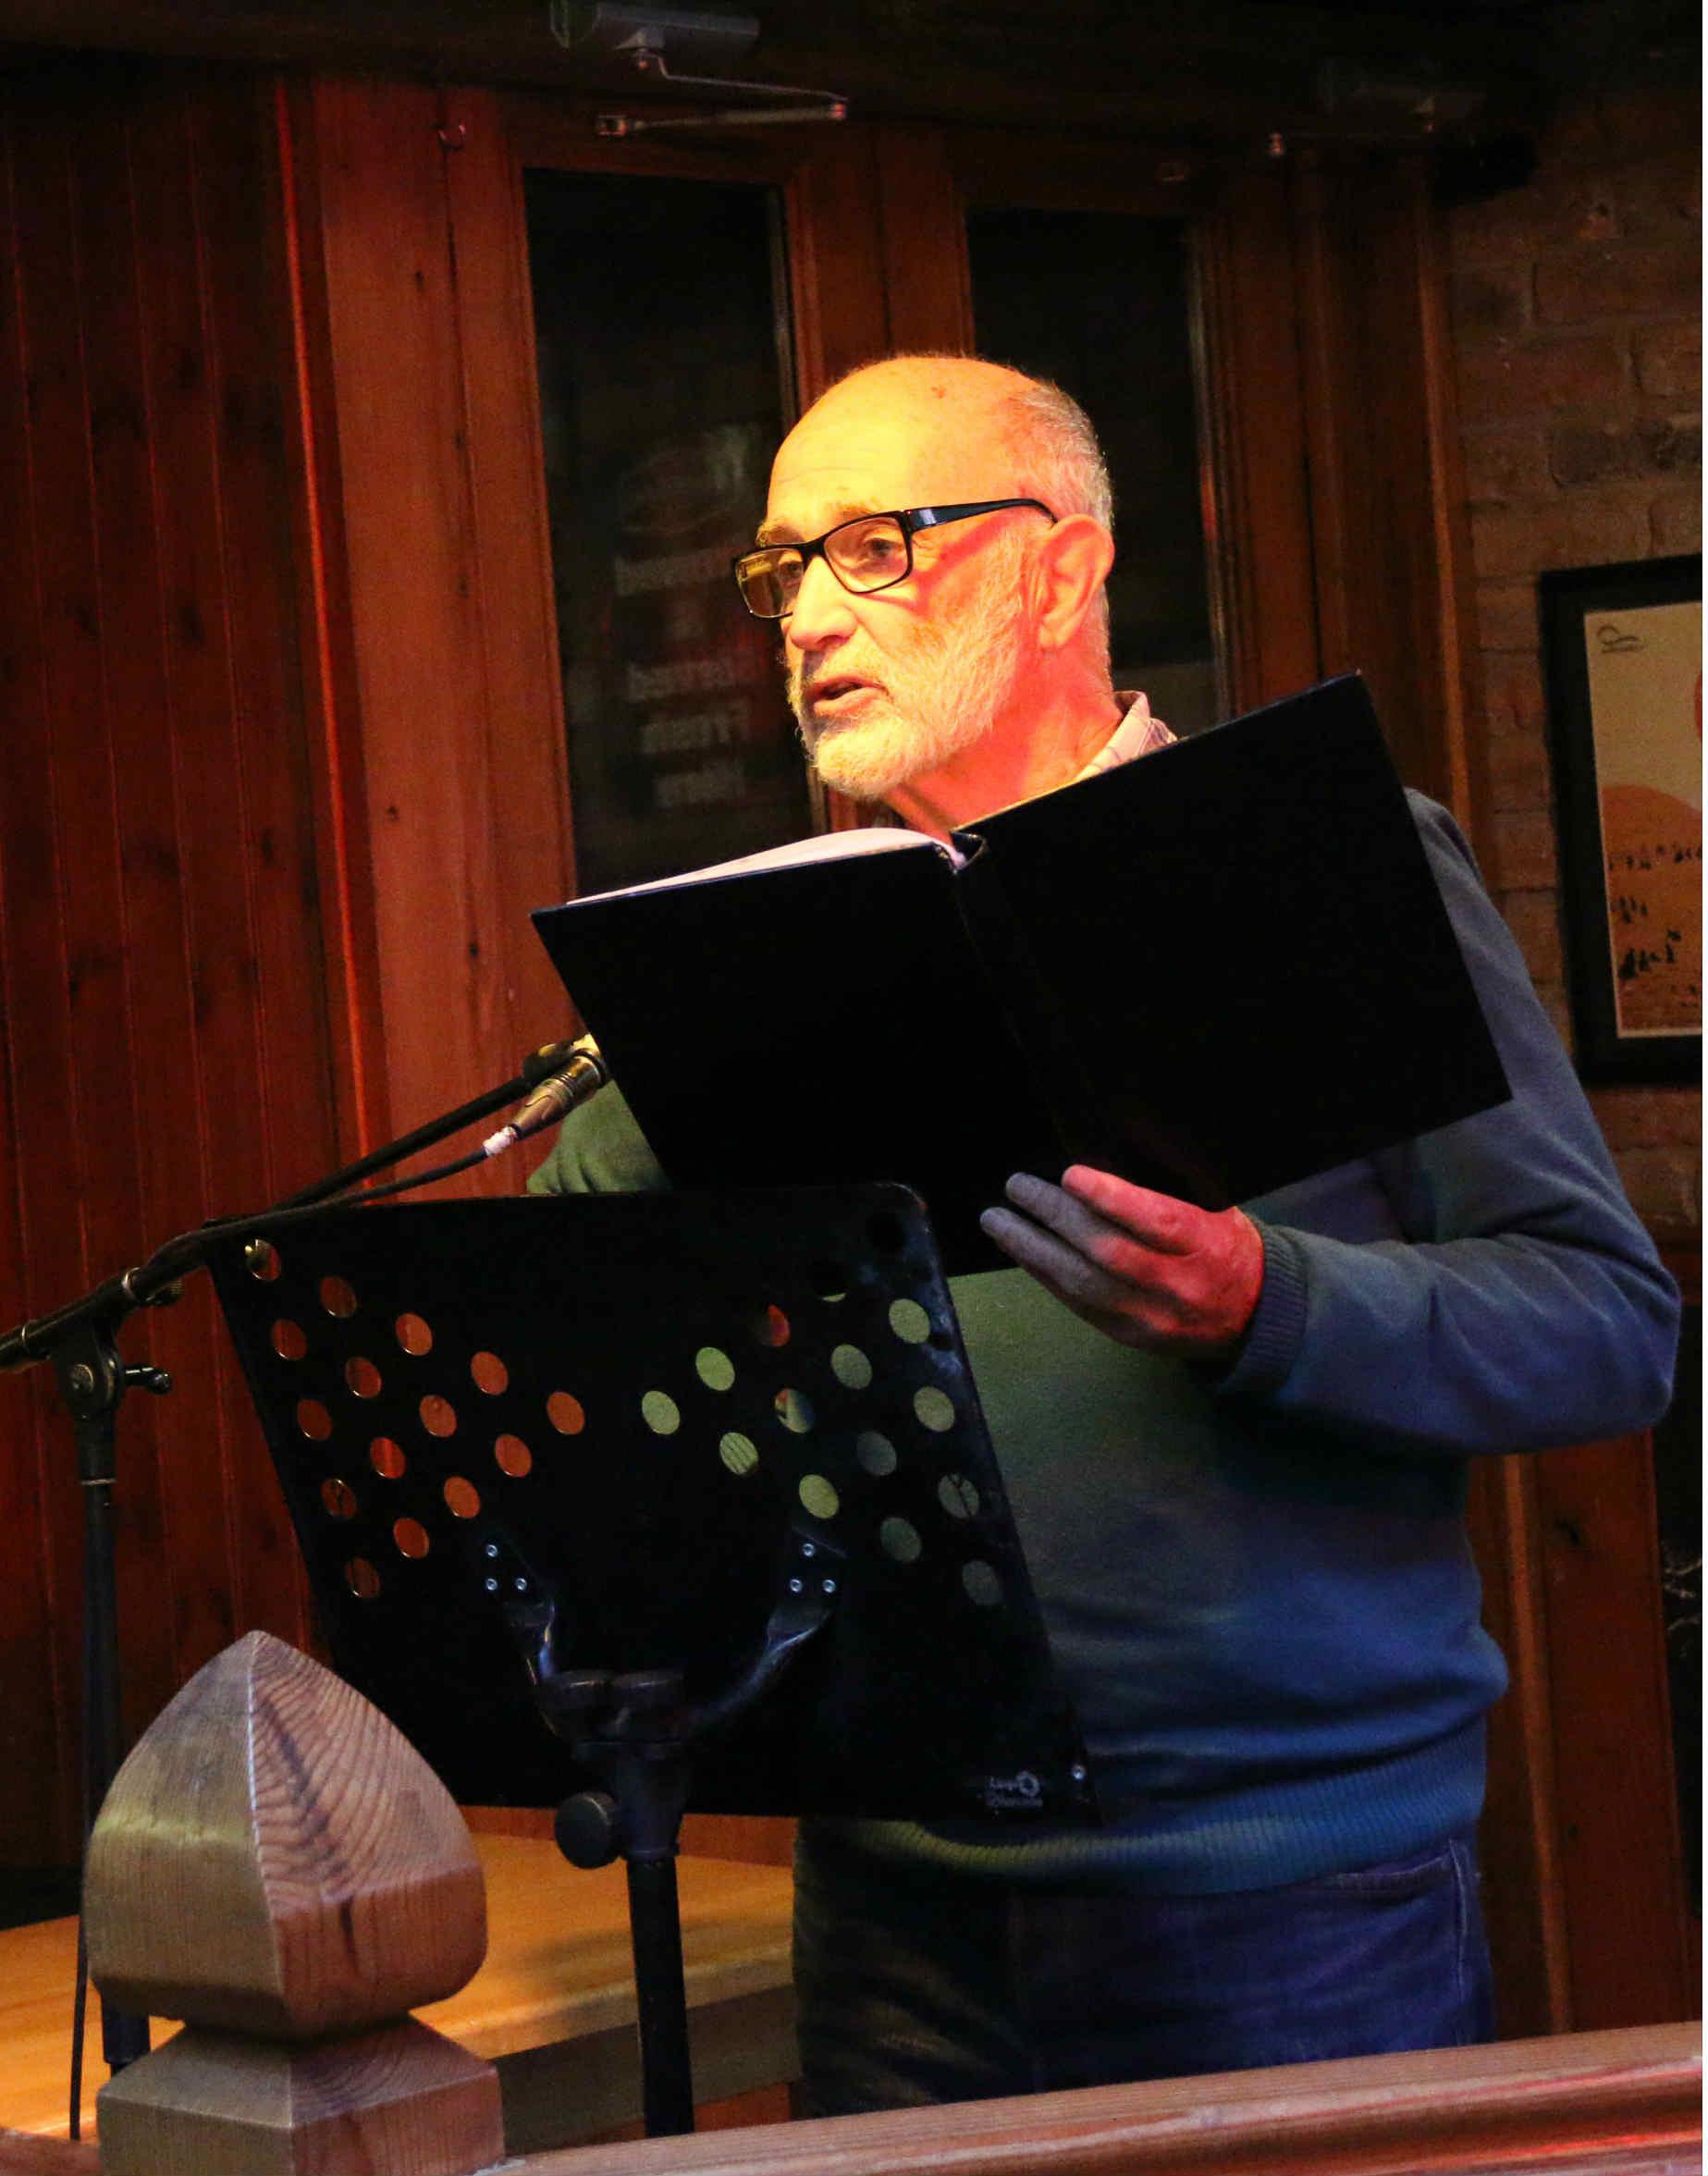 Poetry Reading with Mick Delap - Allingham Festival 2016, Ballyshannon-28.jpg